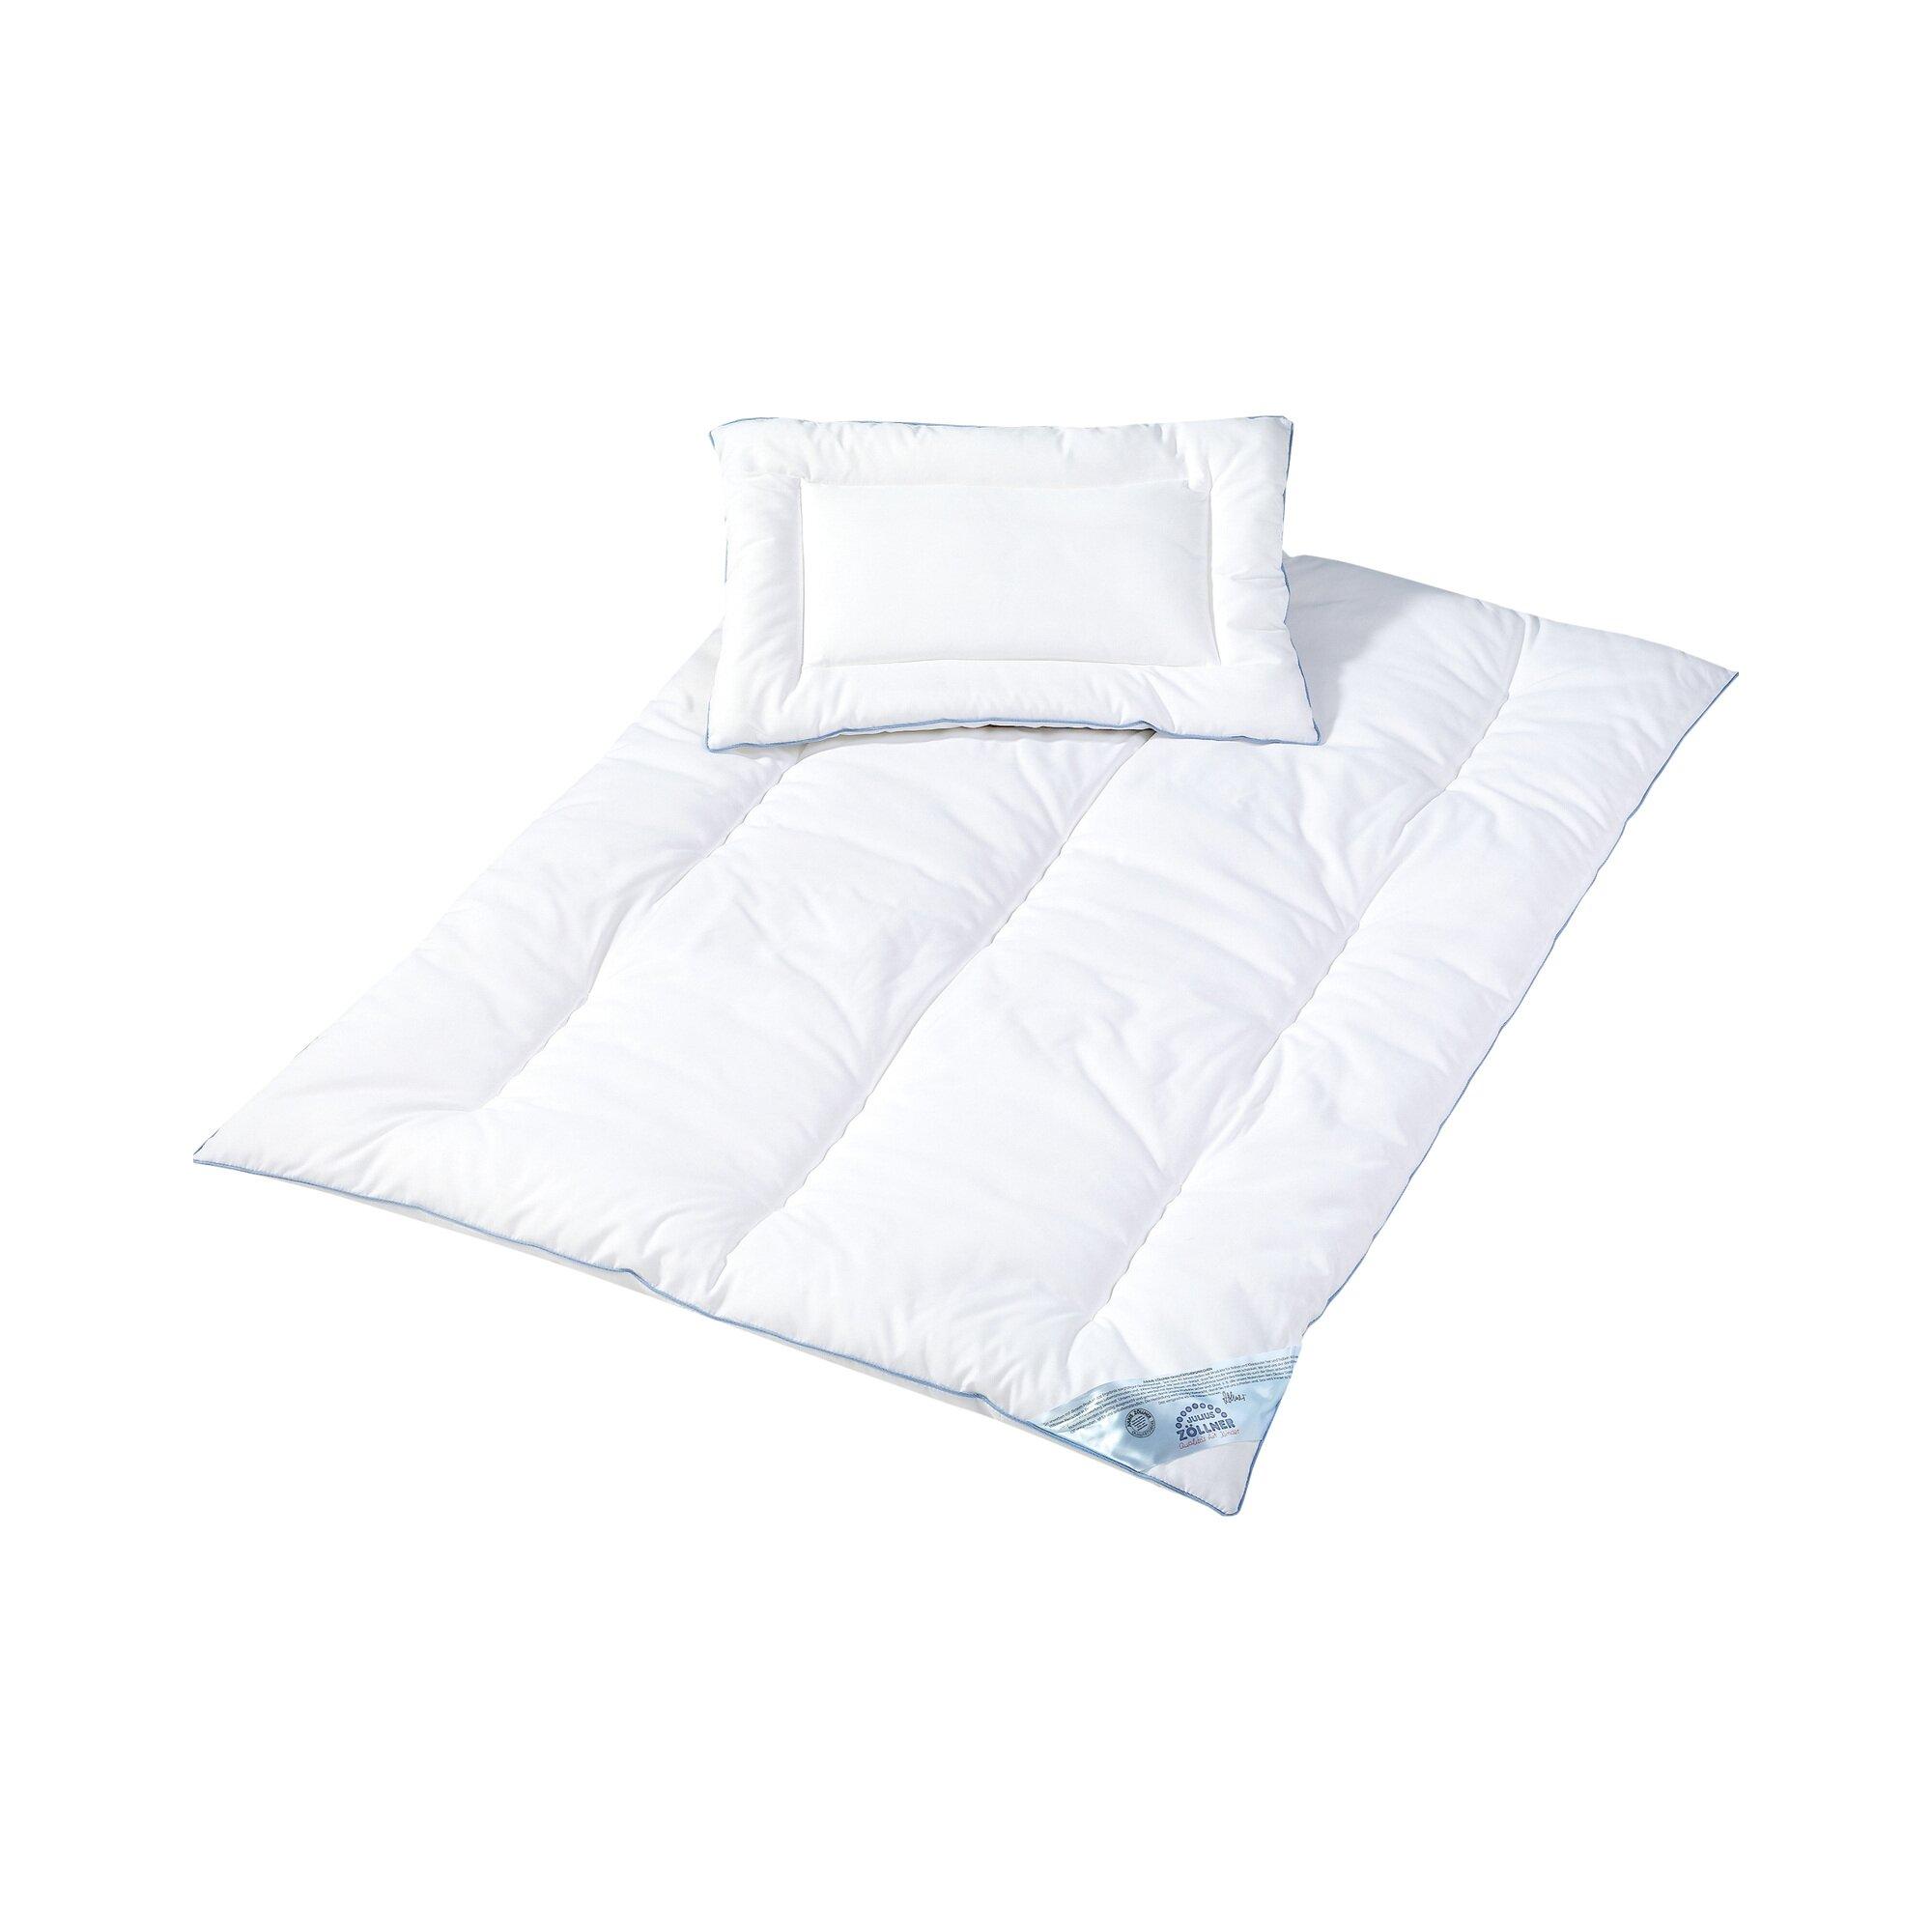 bettdecken set allergiker ideen f r gro es schlafzimmer wie bettw sche waschen roller. Black Bedroom Furniture Sets. Home Design Ideas